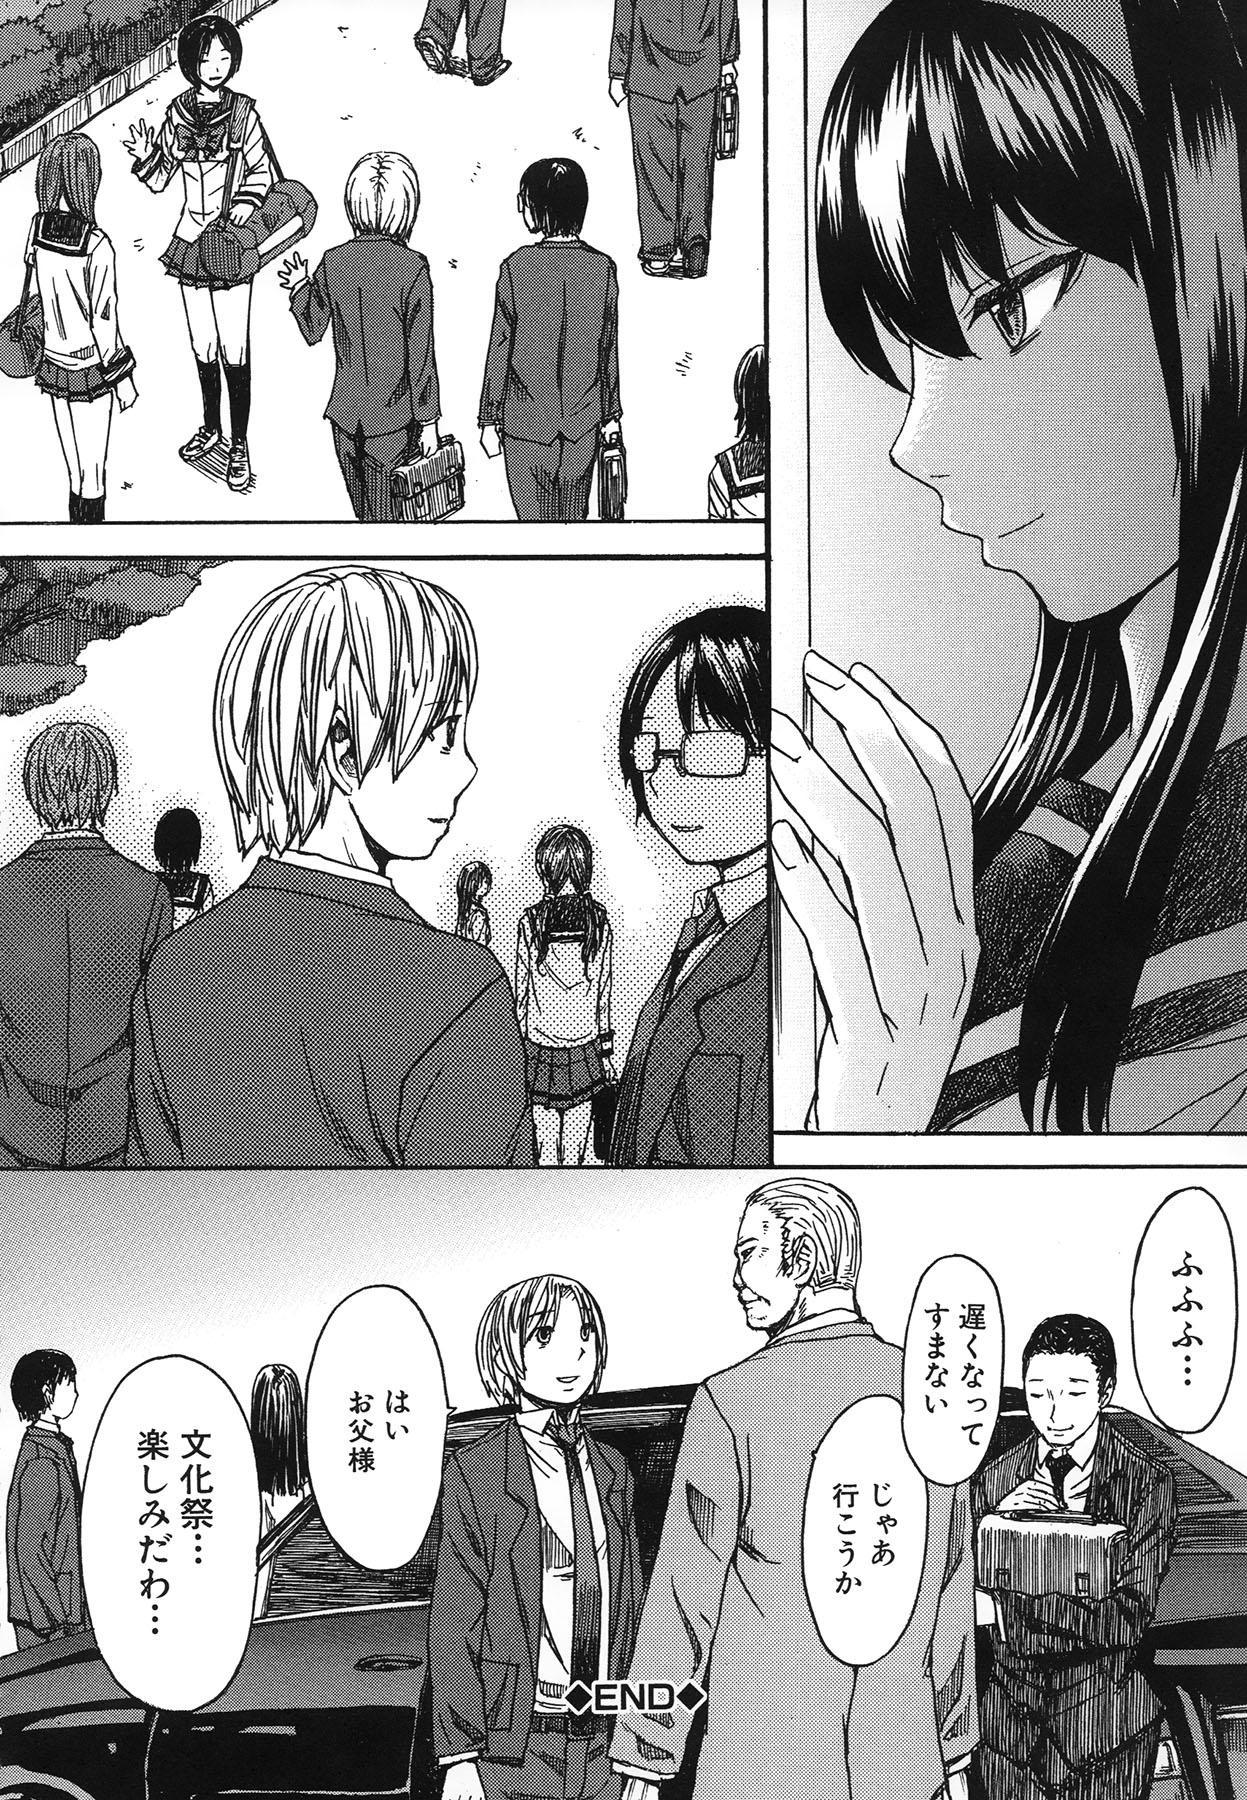 Ashigami 157